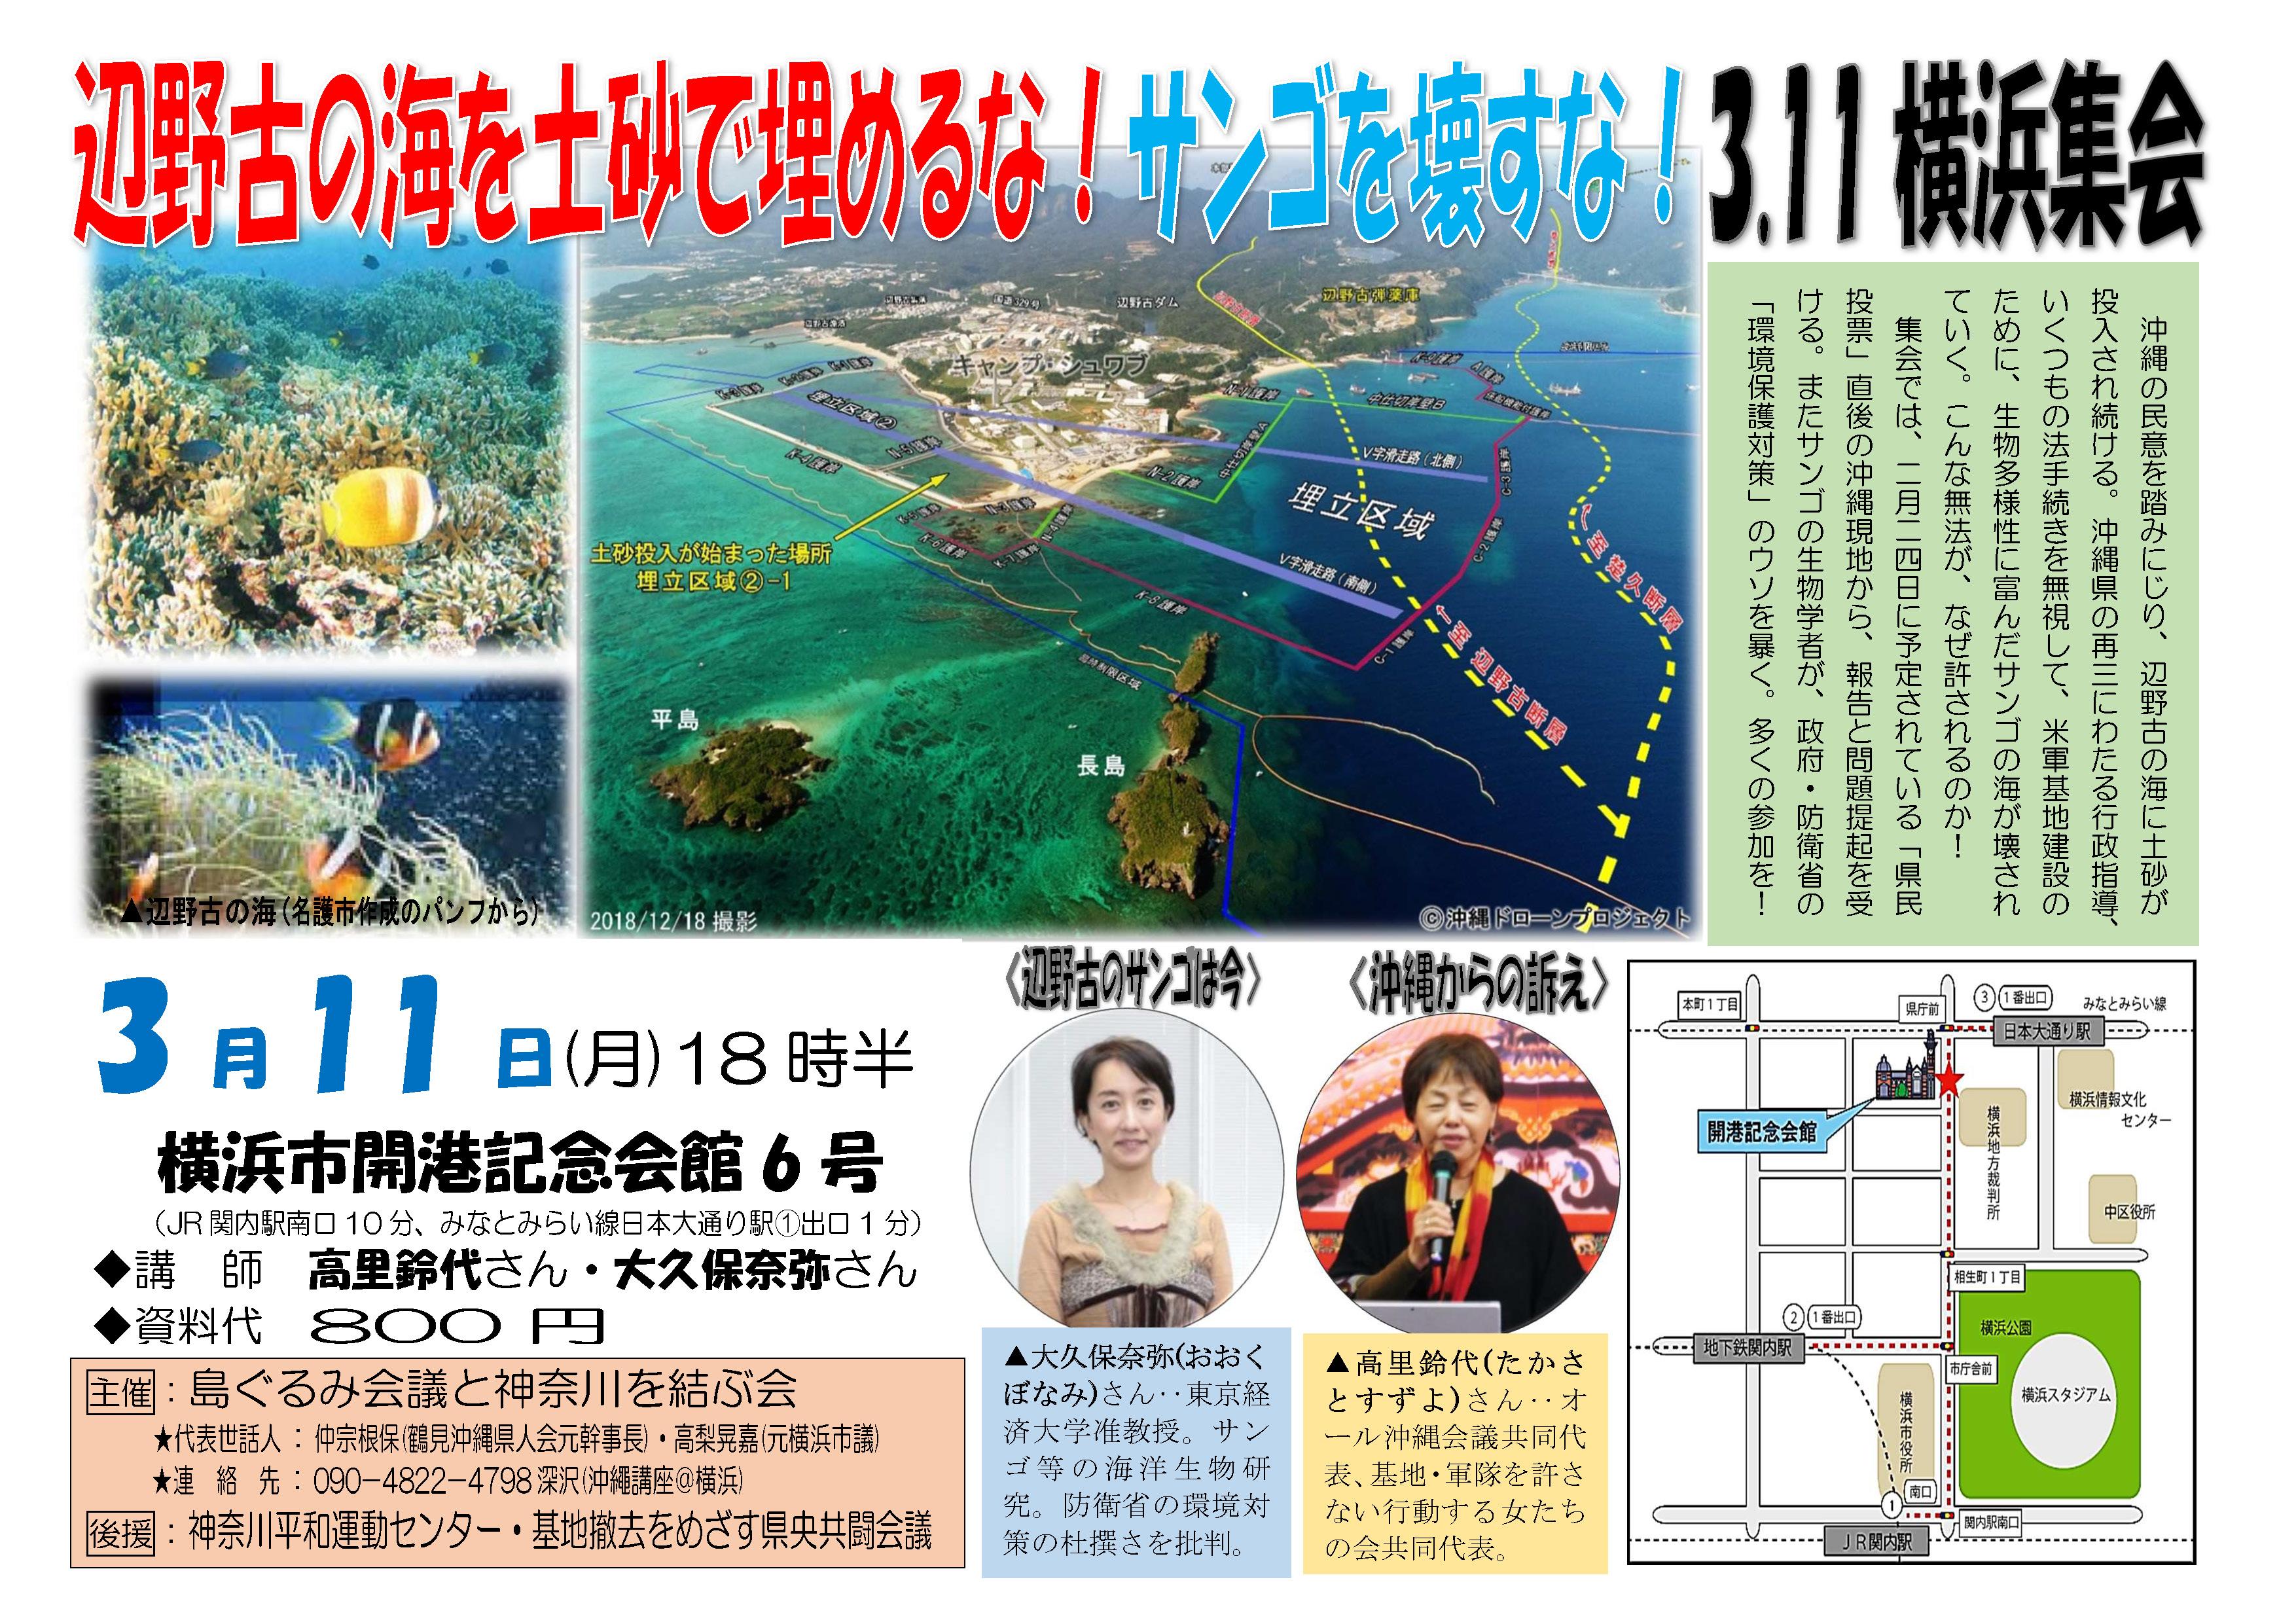 辺野古の海を土砂で埋めるな!サンゴを壊すな!3.11横浜集会